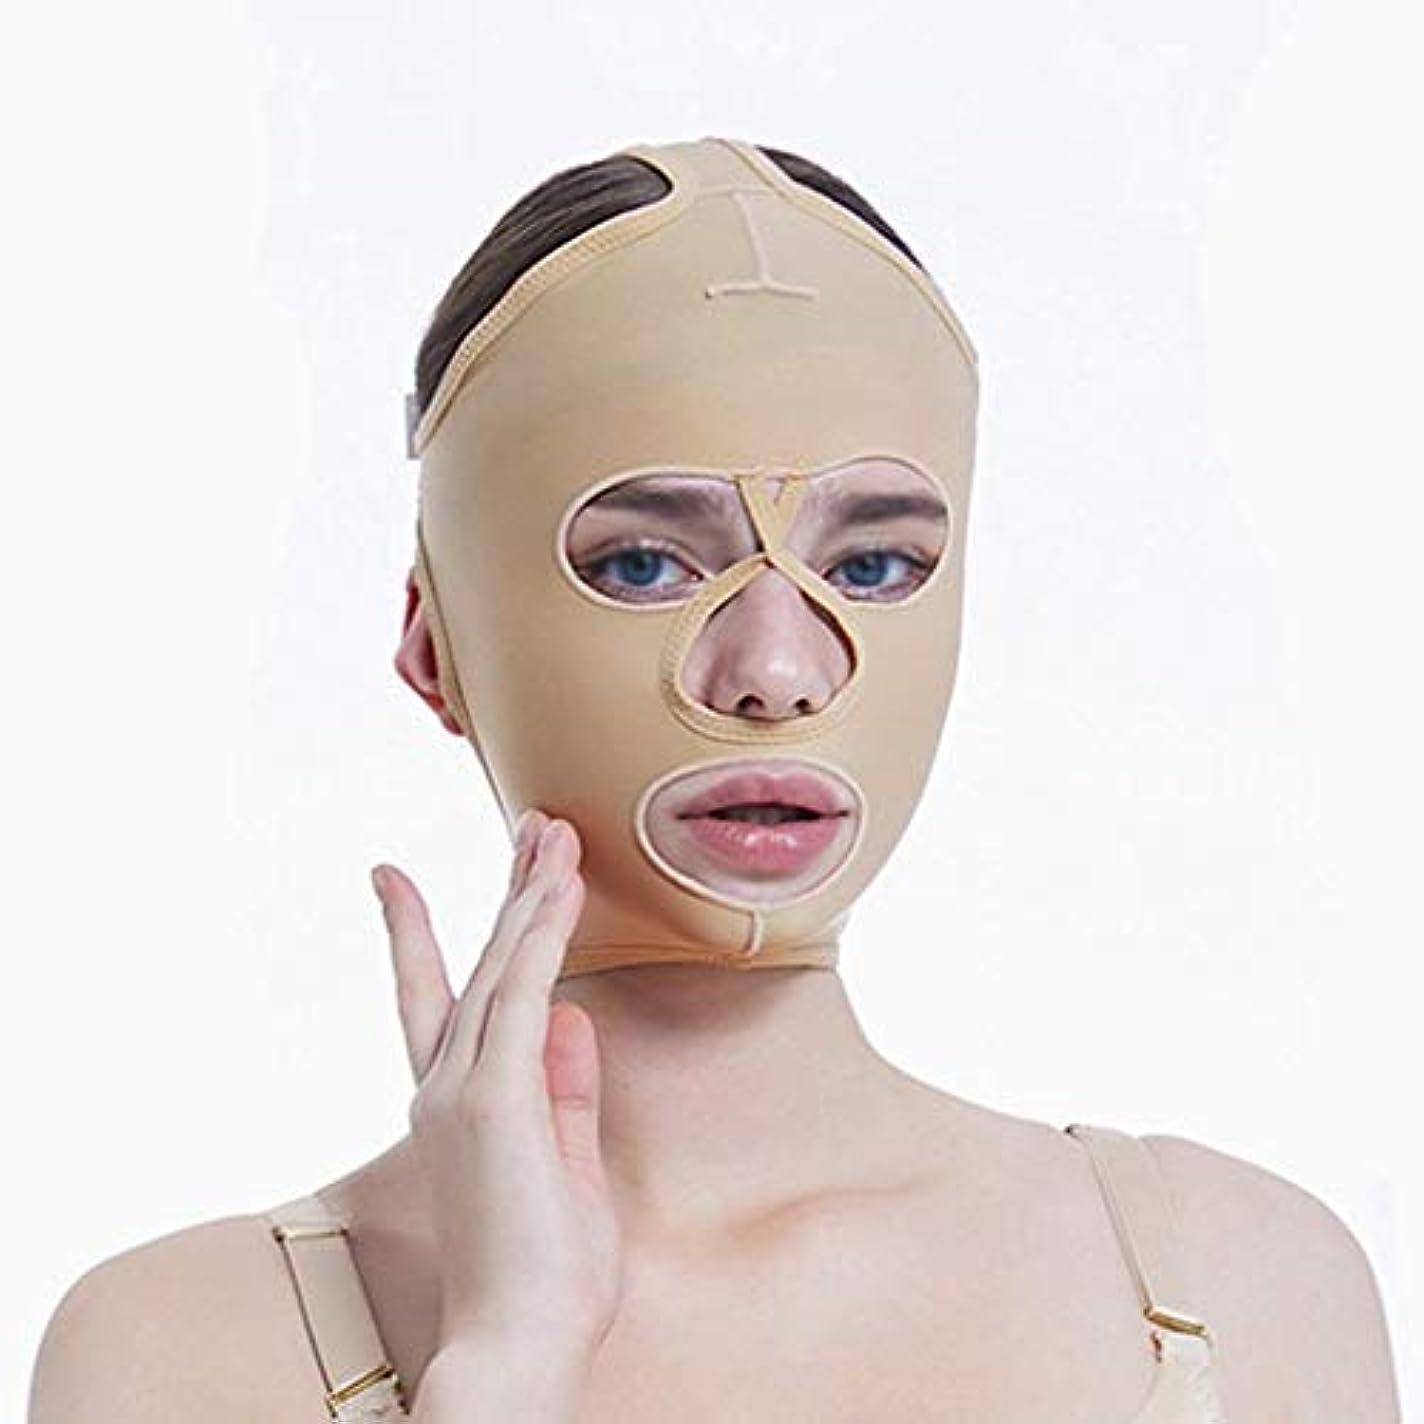 しなやかなベルベット寸法チンリフティングベルト、超薄型ベルト、引き締めマスク、包帯吊り、フェイスリフティングマスク、超薄型ベルト、通気性(サイズ:L),M